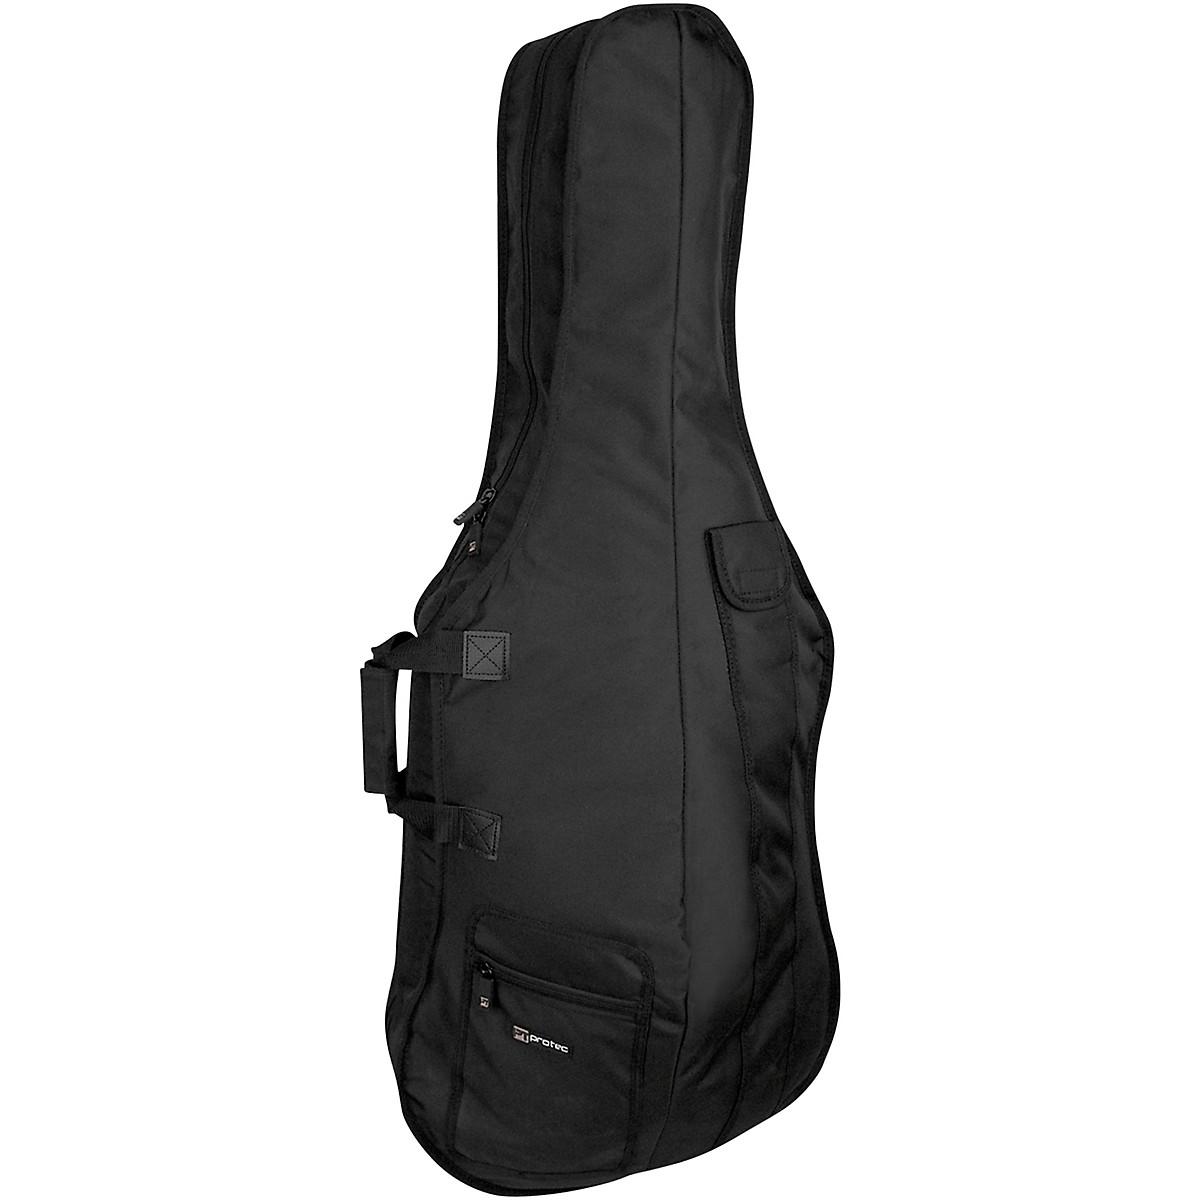 Protec 4/4 Cello Gig Bag - Silver Series